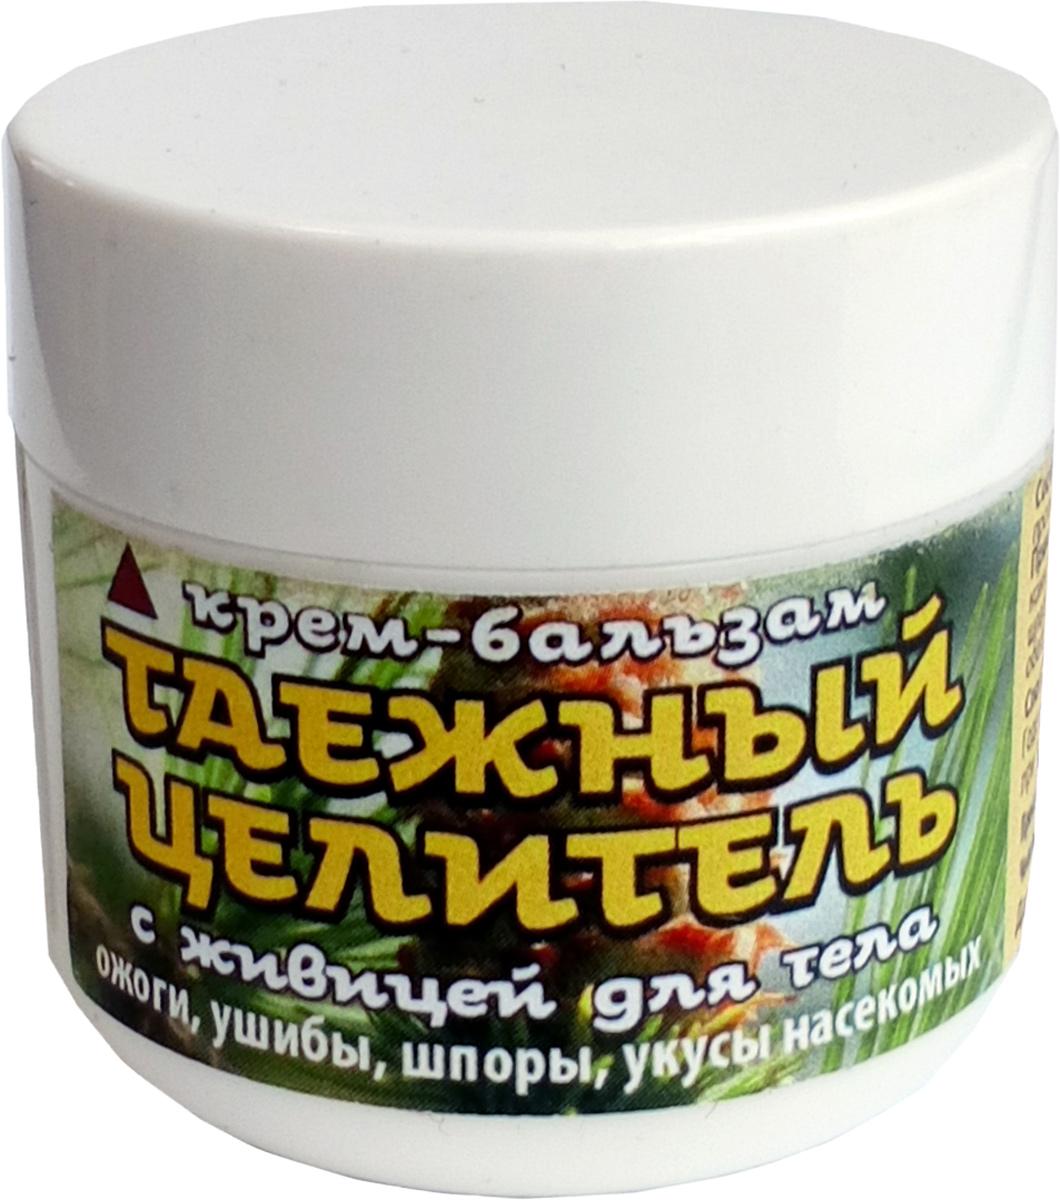 Таежный целитель Крем-бальзам с живицей для тела, 25 мл барсукор барсучий жир 50 капсулы